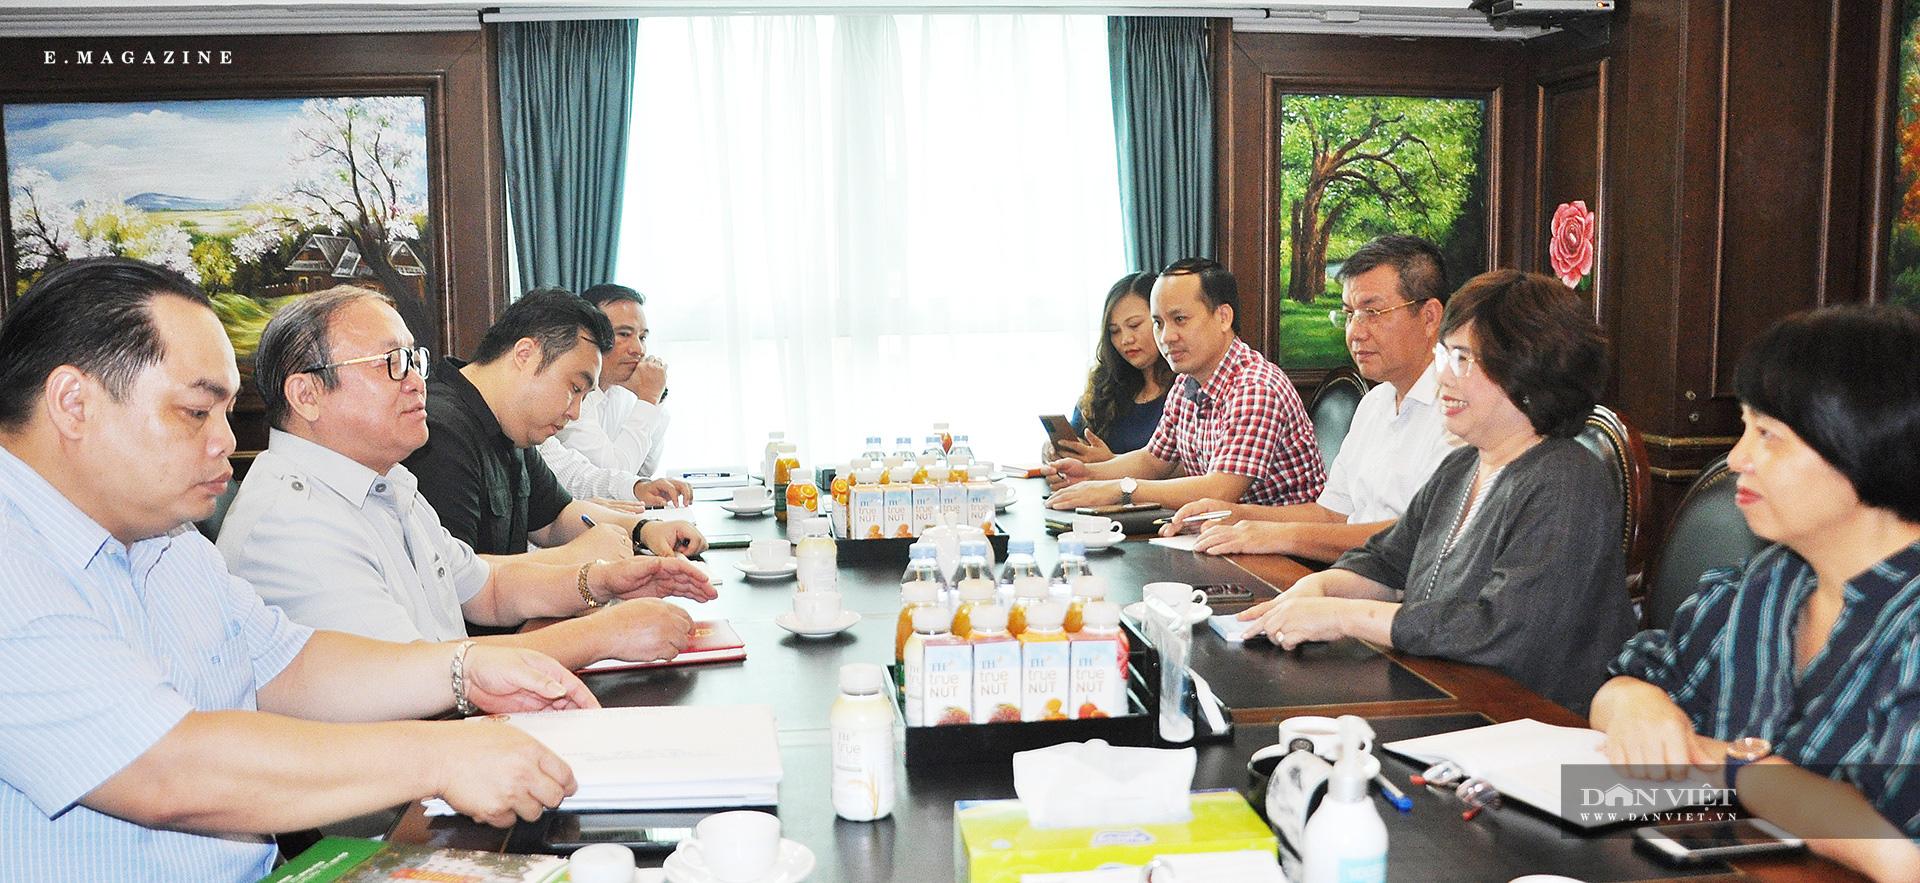 """Chủ tịch Hội Nông dân Việt Nam: Tập đoàn TH như """"chim đại bàng"""" đang vươn cánh ra thế giới - Ảnh 19."""